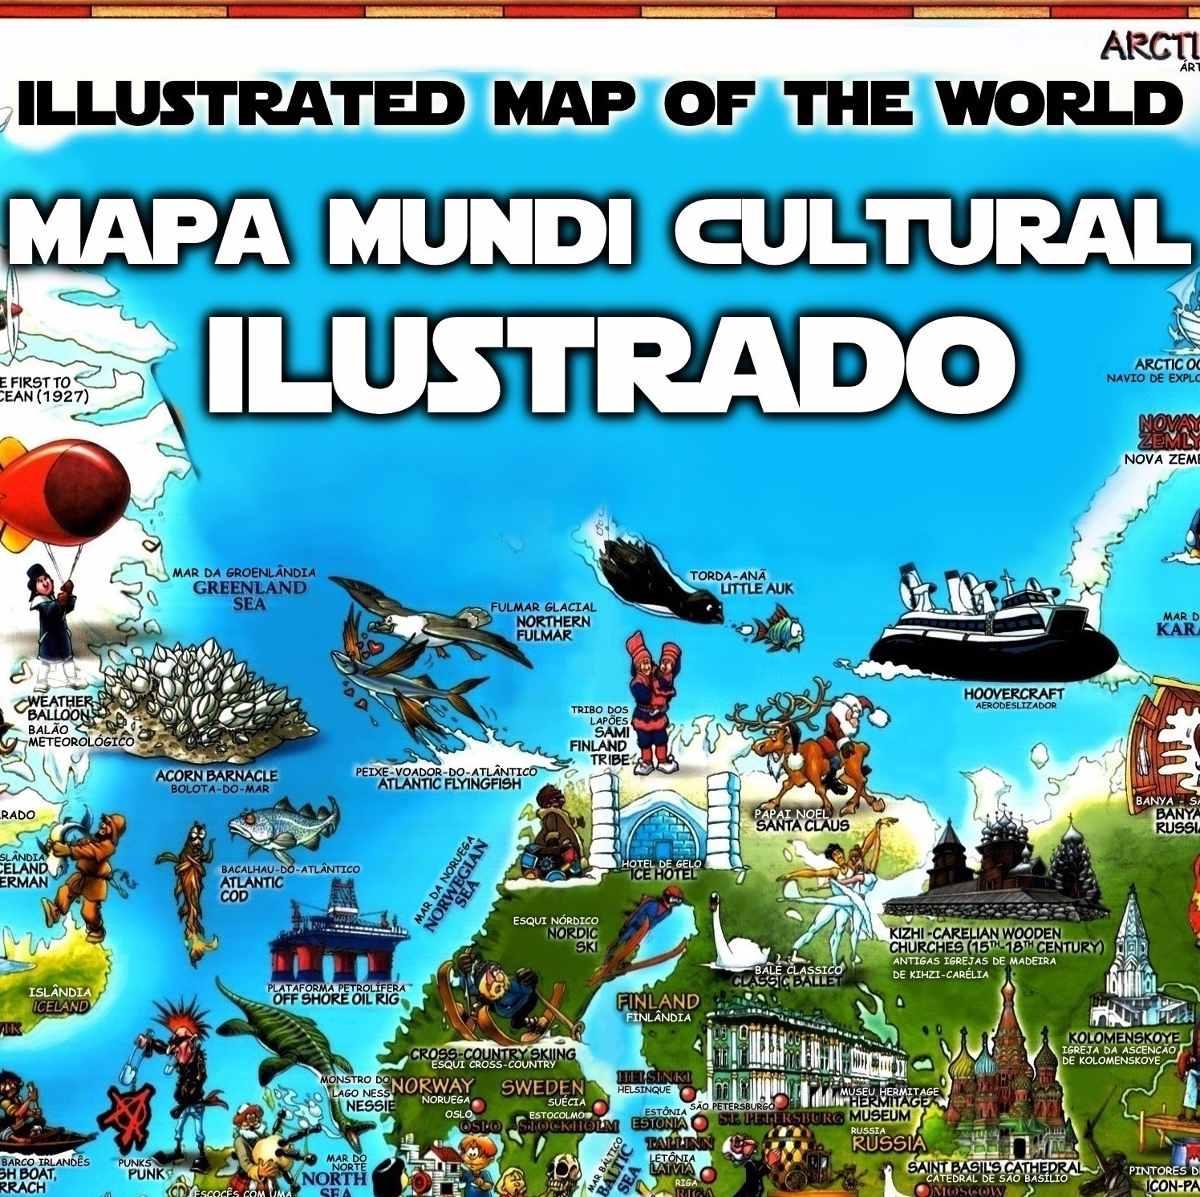 Mapa Mundi Cultural Ilustrado Pases Cidades Rios Plantas Hd  R